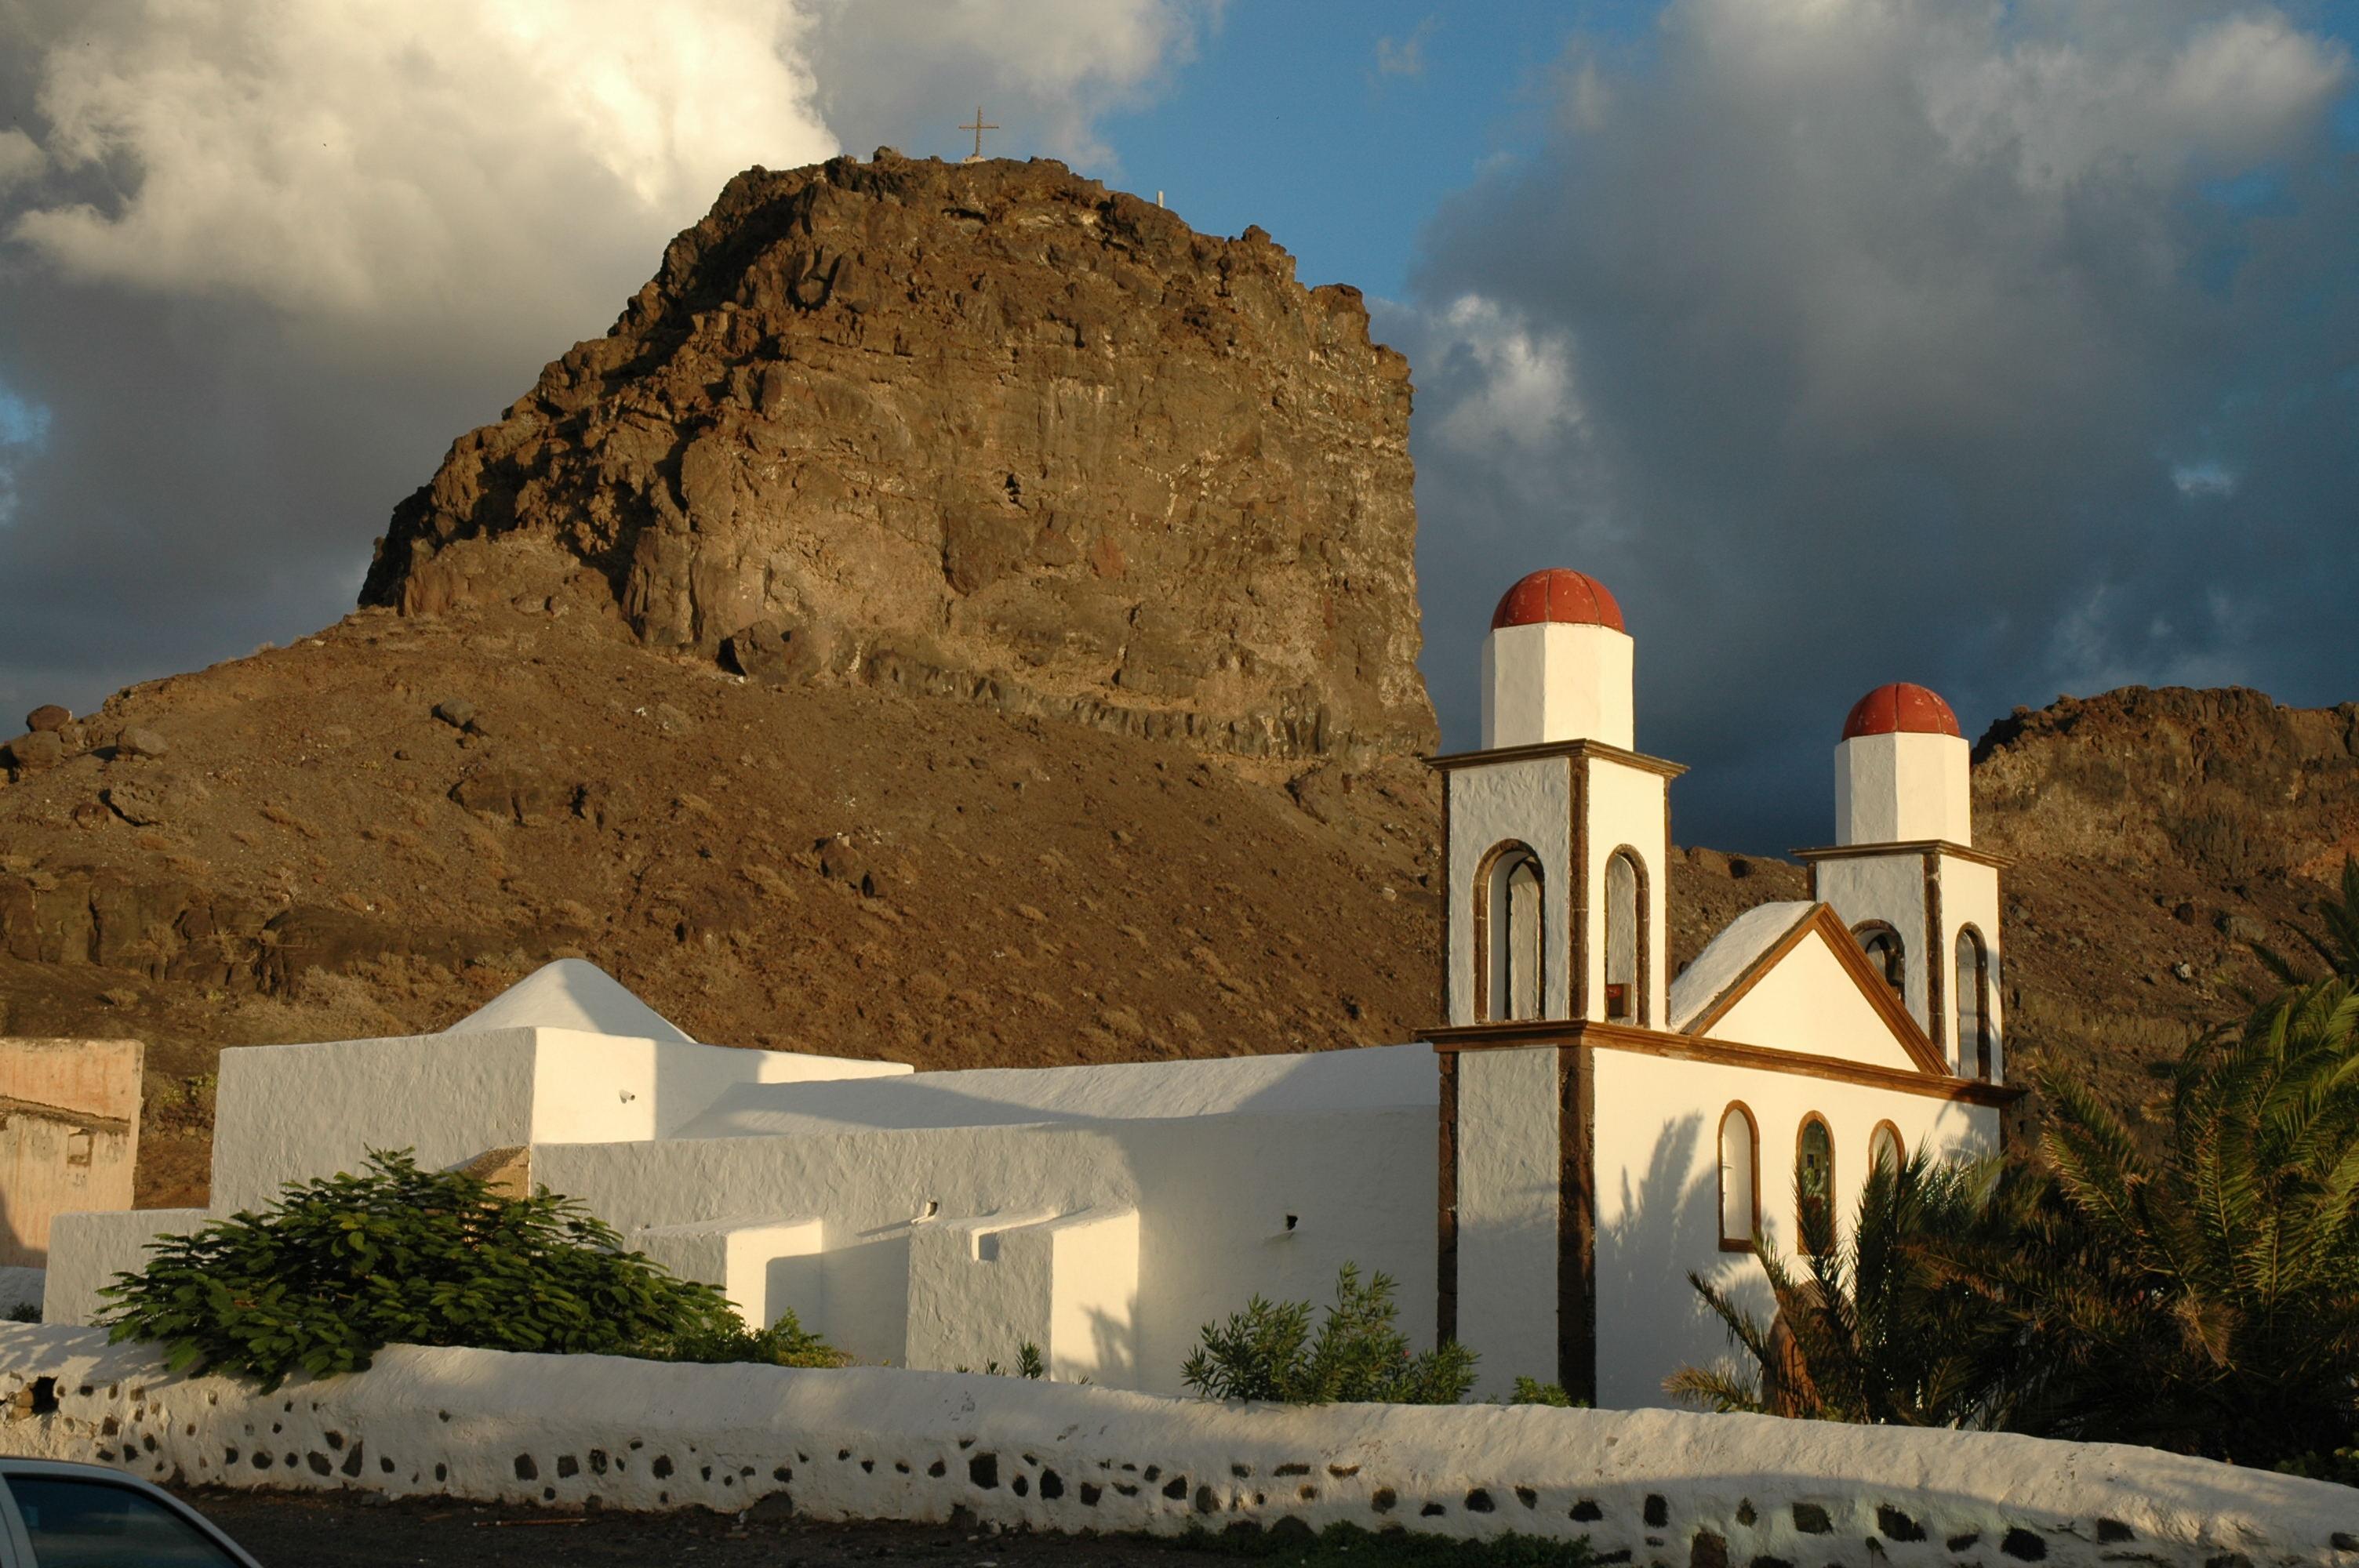 El Cabildo de Gran Canaria invita a descubrir el conjunto patrimonial derivado del azúcar que atesora Agaete